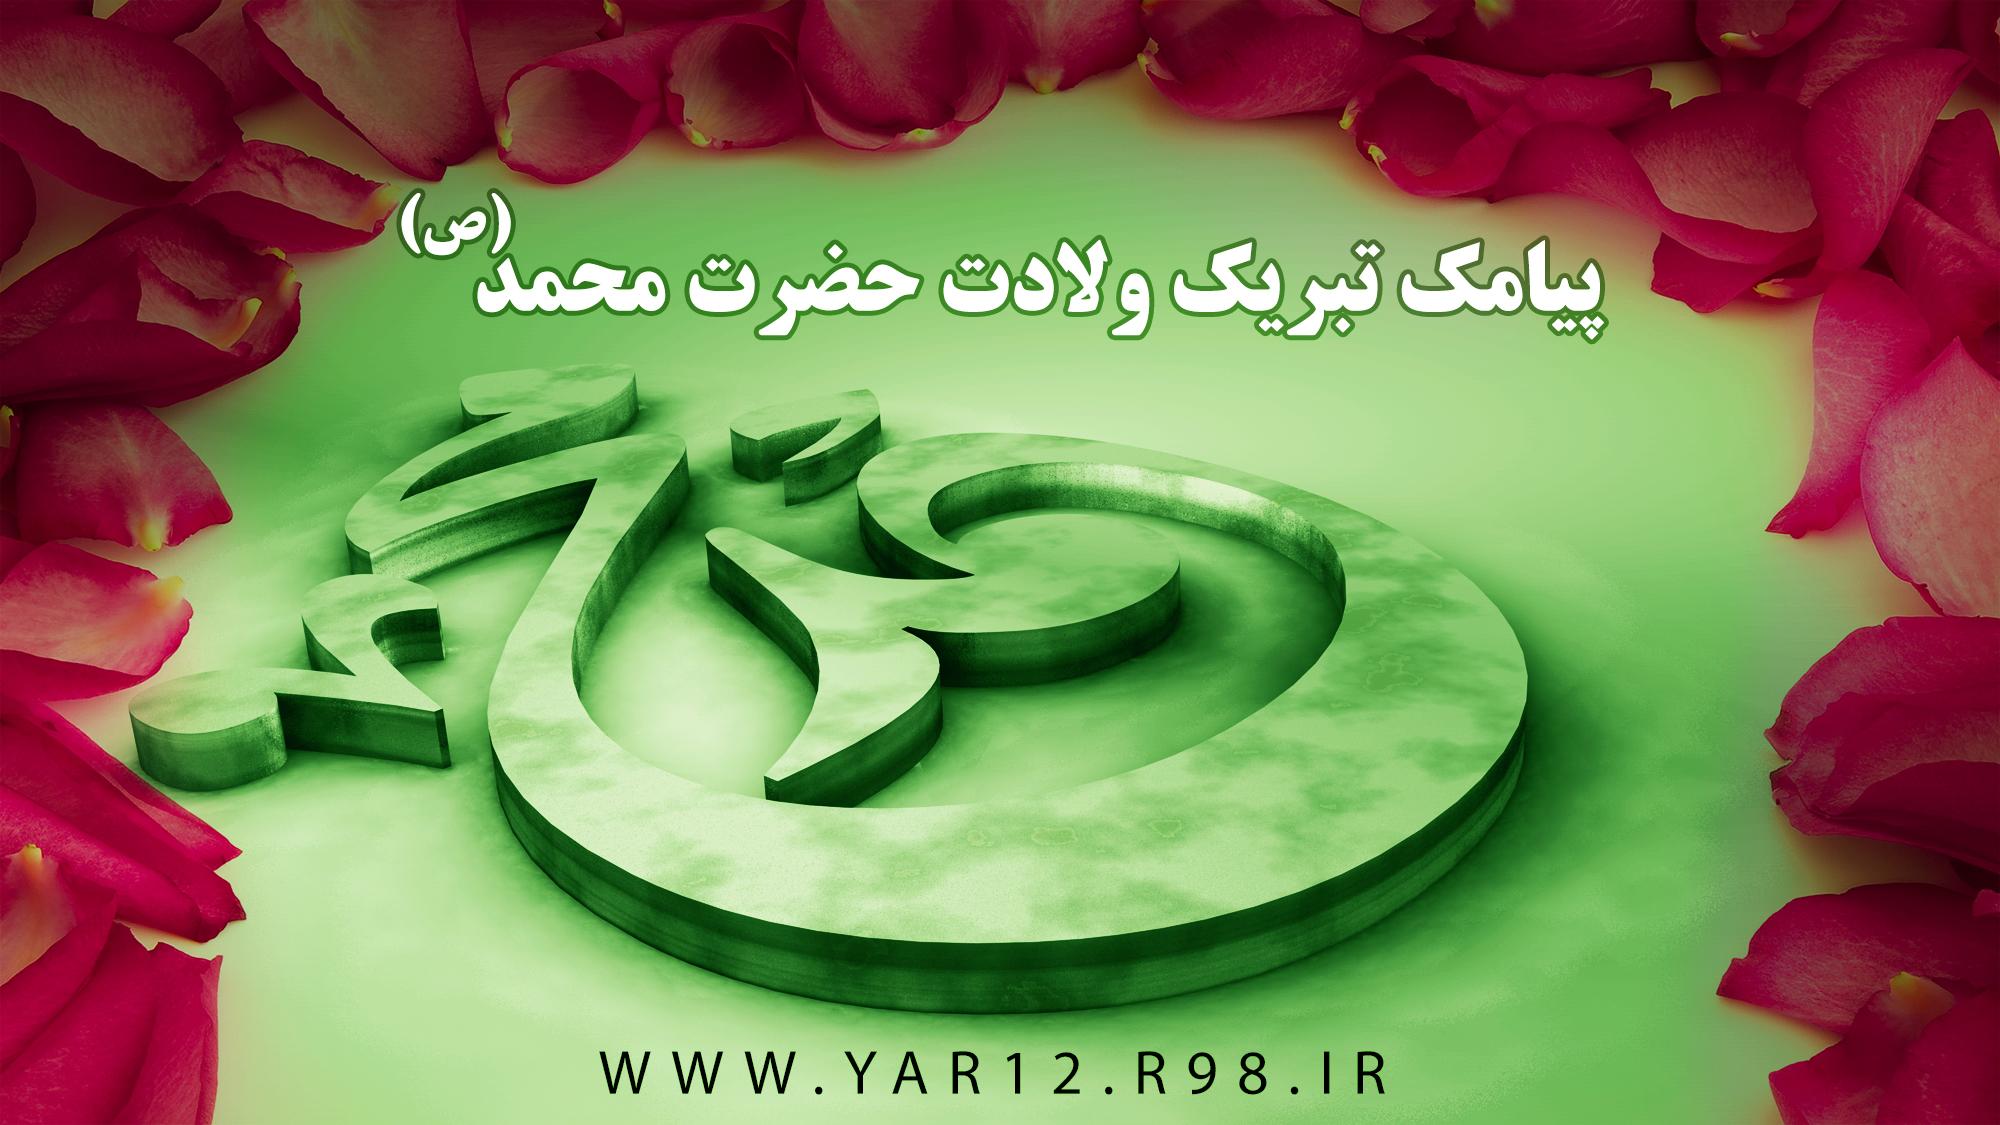 پیامک تبریک ولادت پیامبر اکرم(ص)